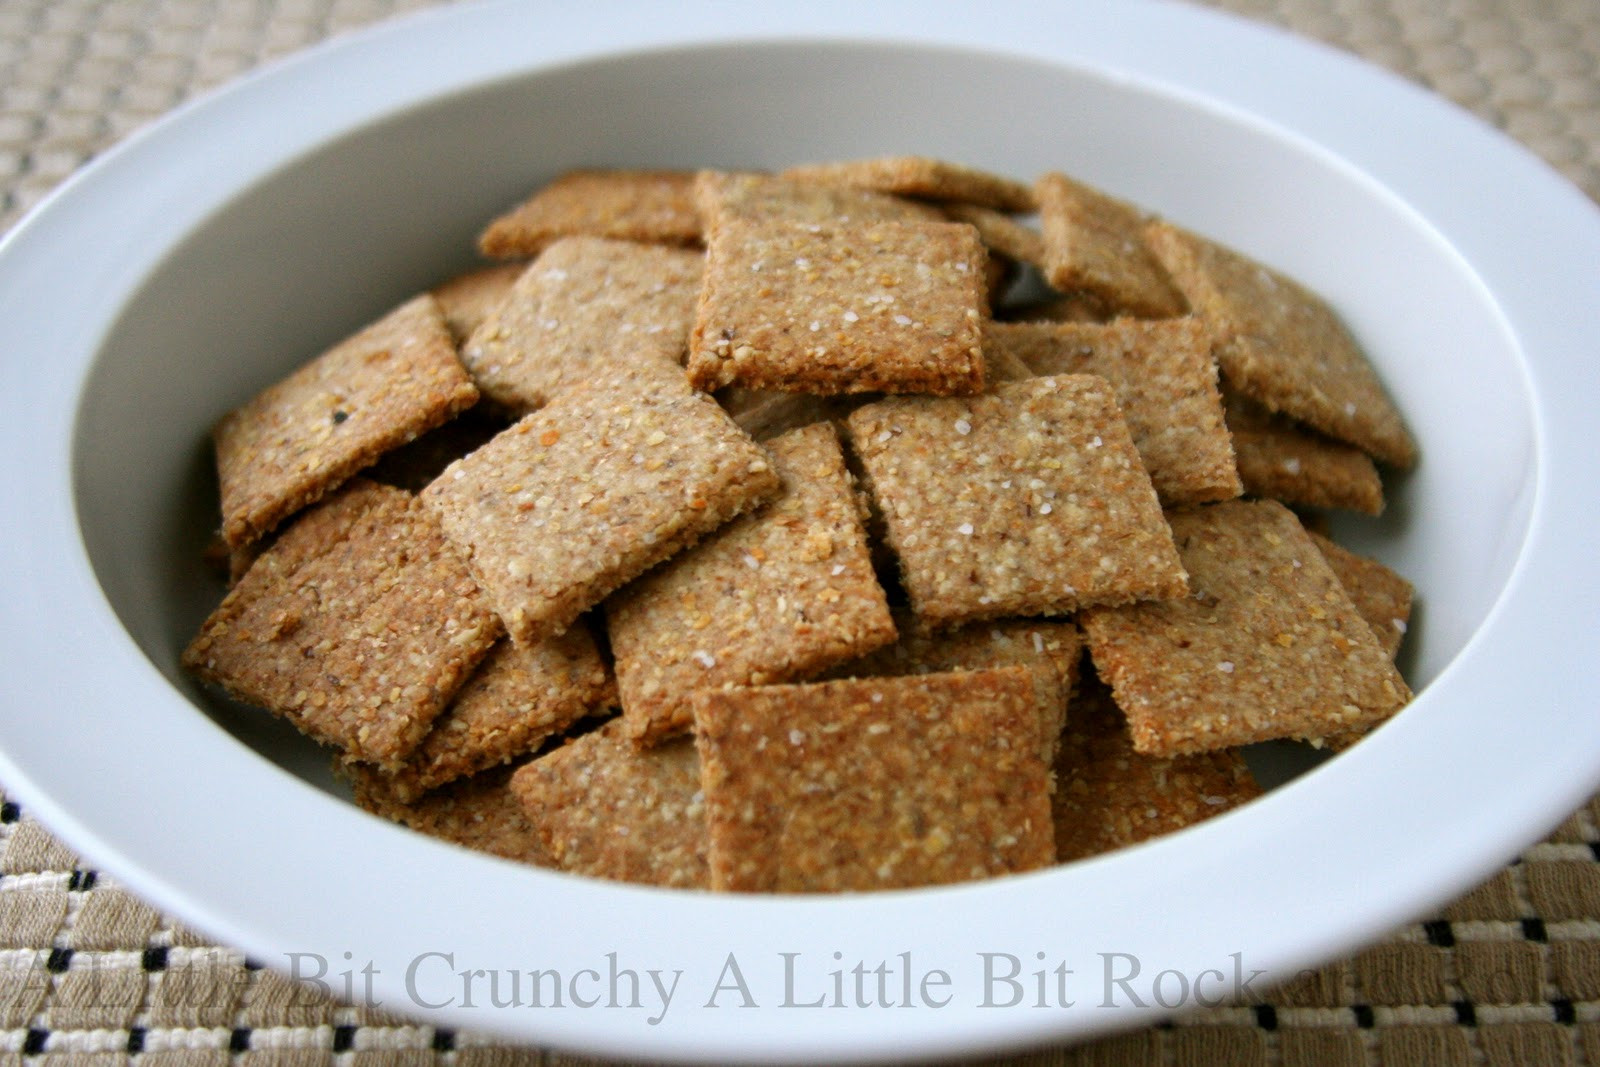 Whole Grain Crackers  A Little Bit Crunchy A Little Bit Rock and Roll Homemade